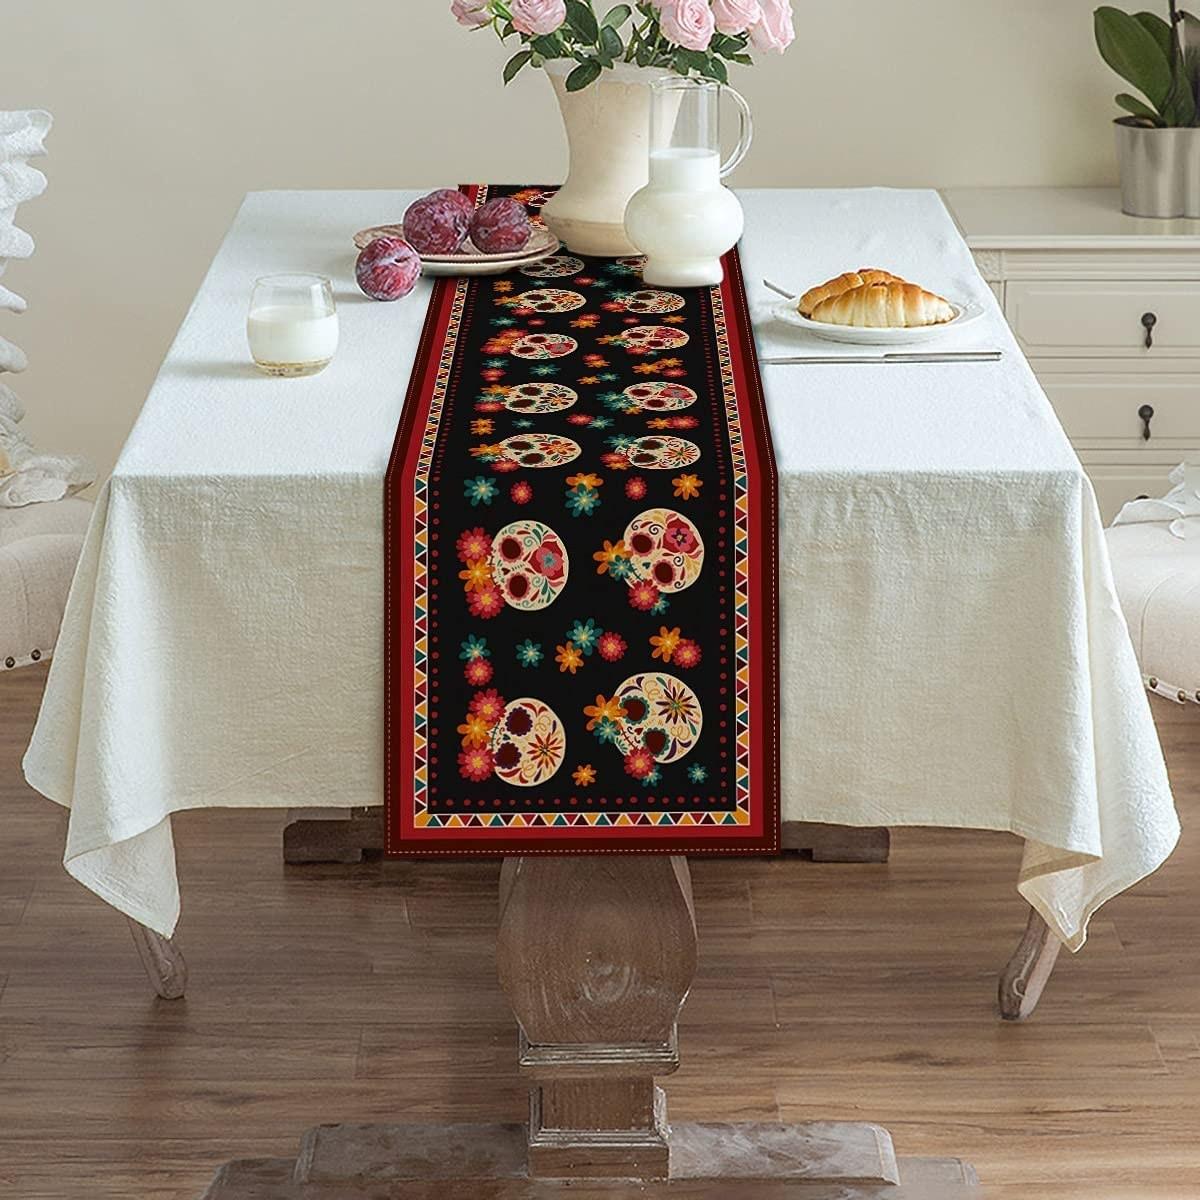 Camino de mesa con patrones de calaveras de azúcar